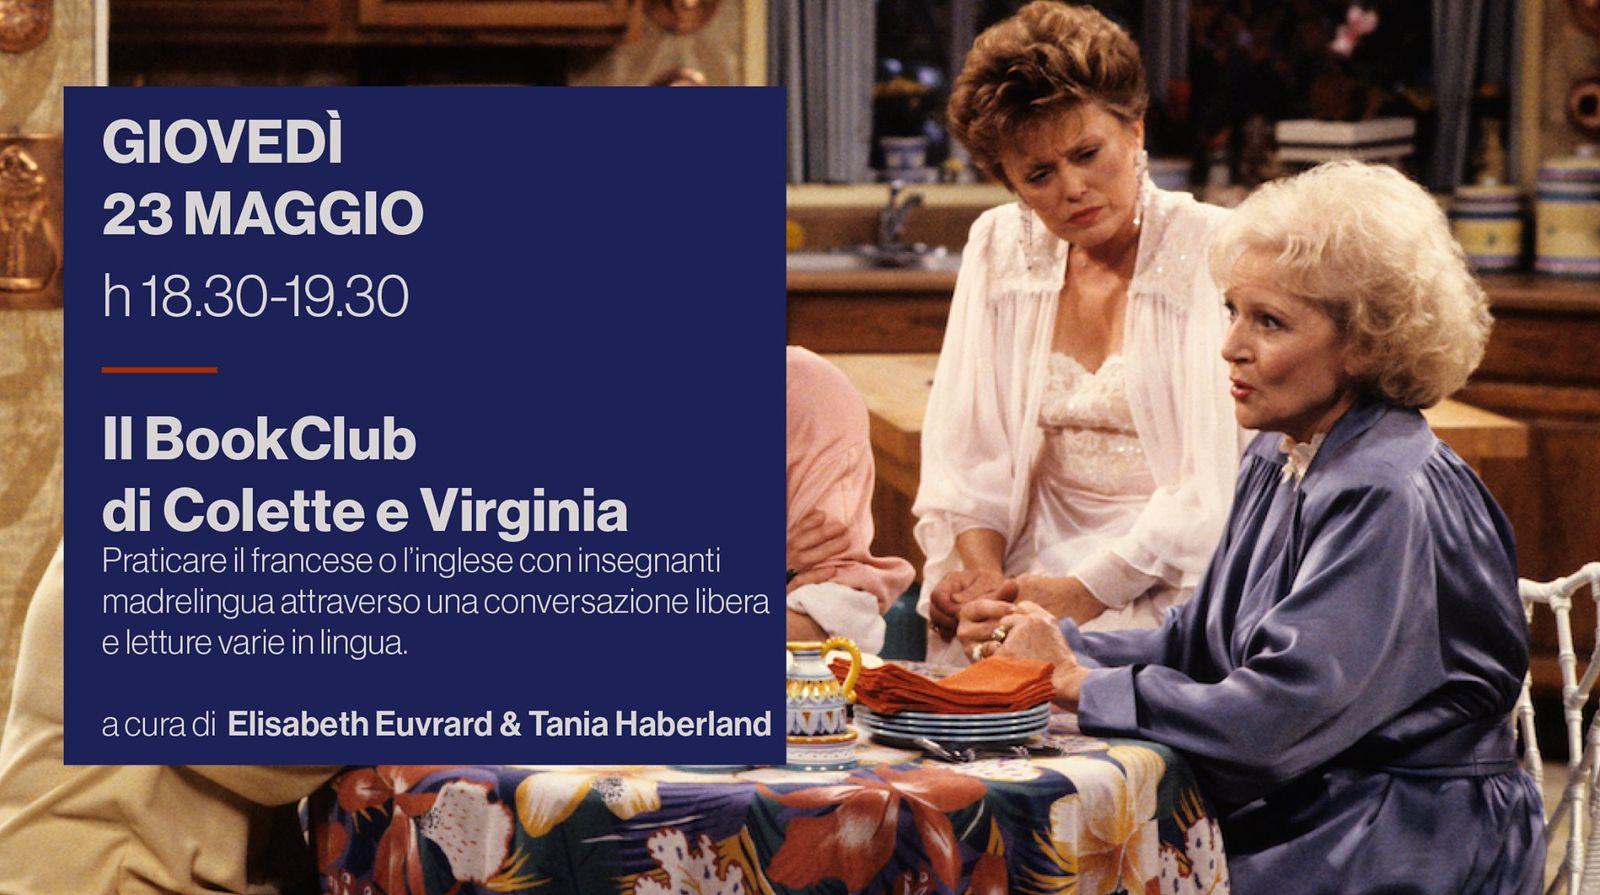 Il BookClub di Colette e Virginia